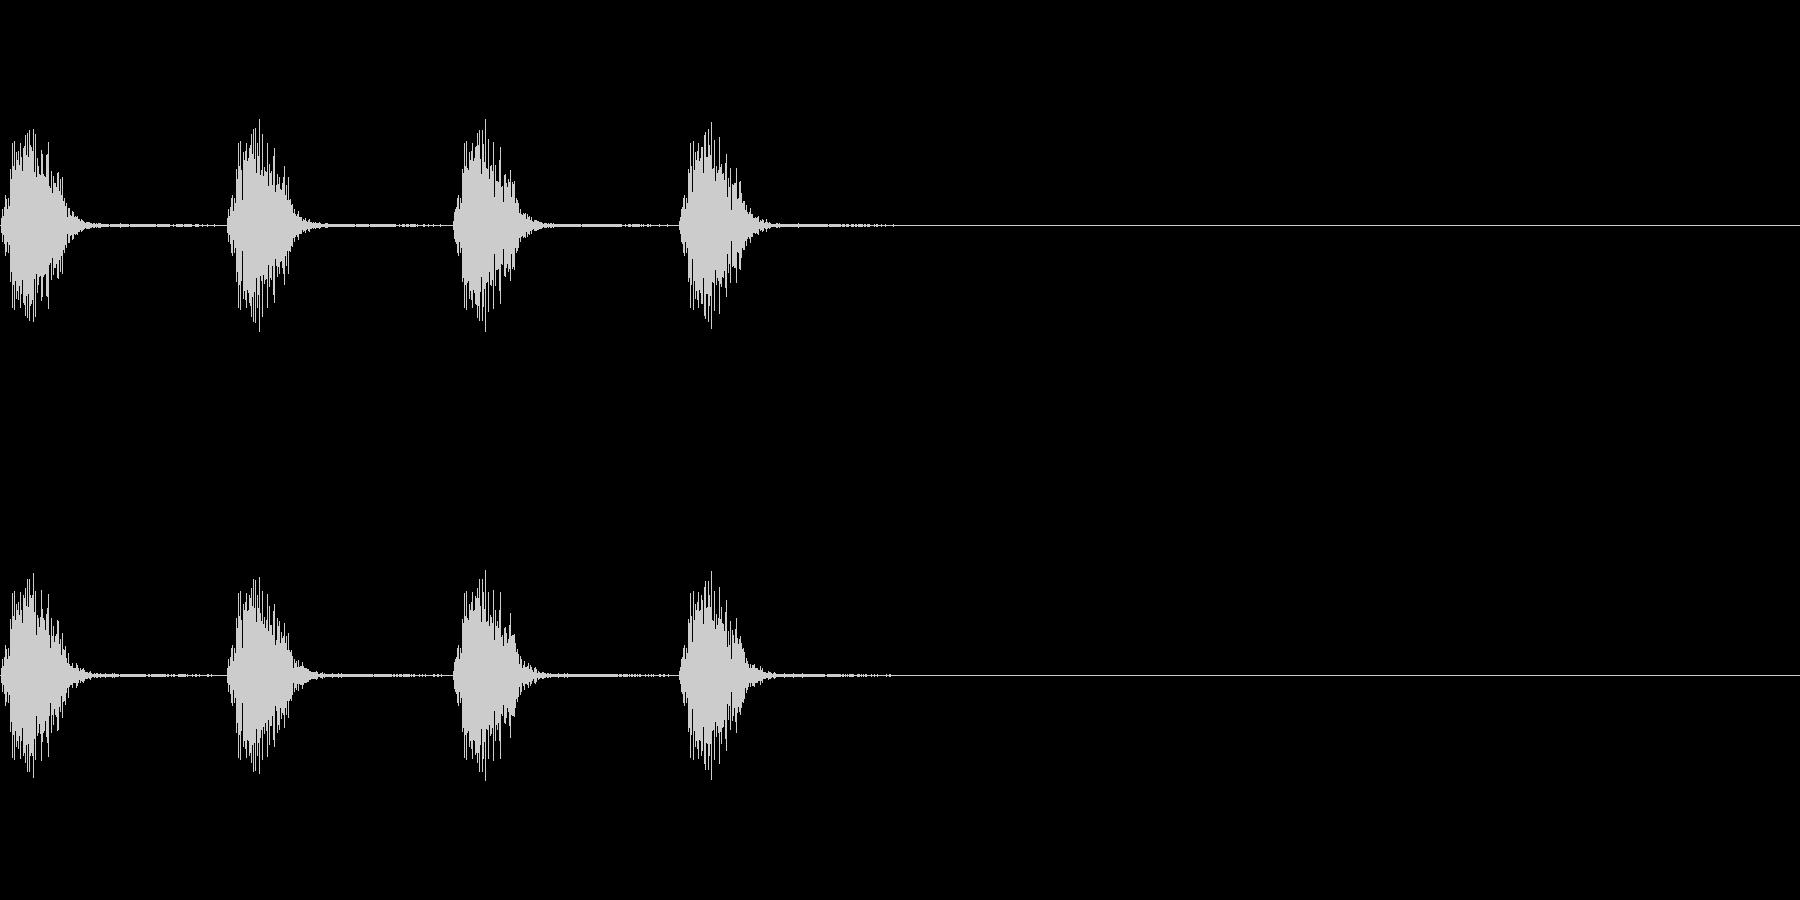 逃げるときの足音の未再生の波形